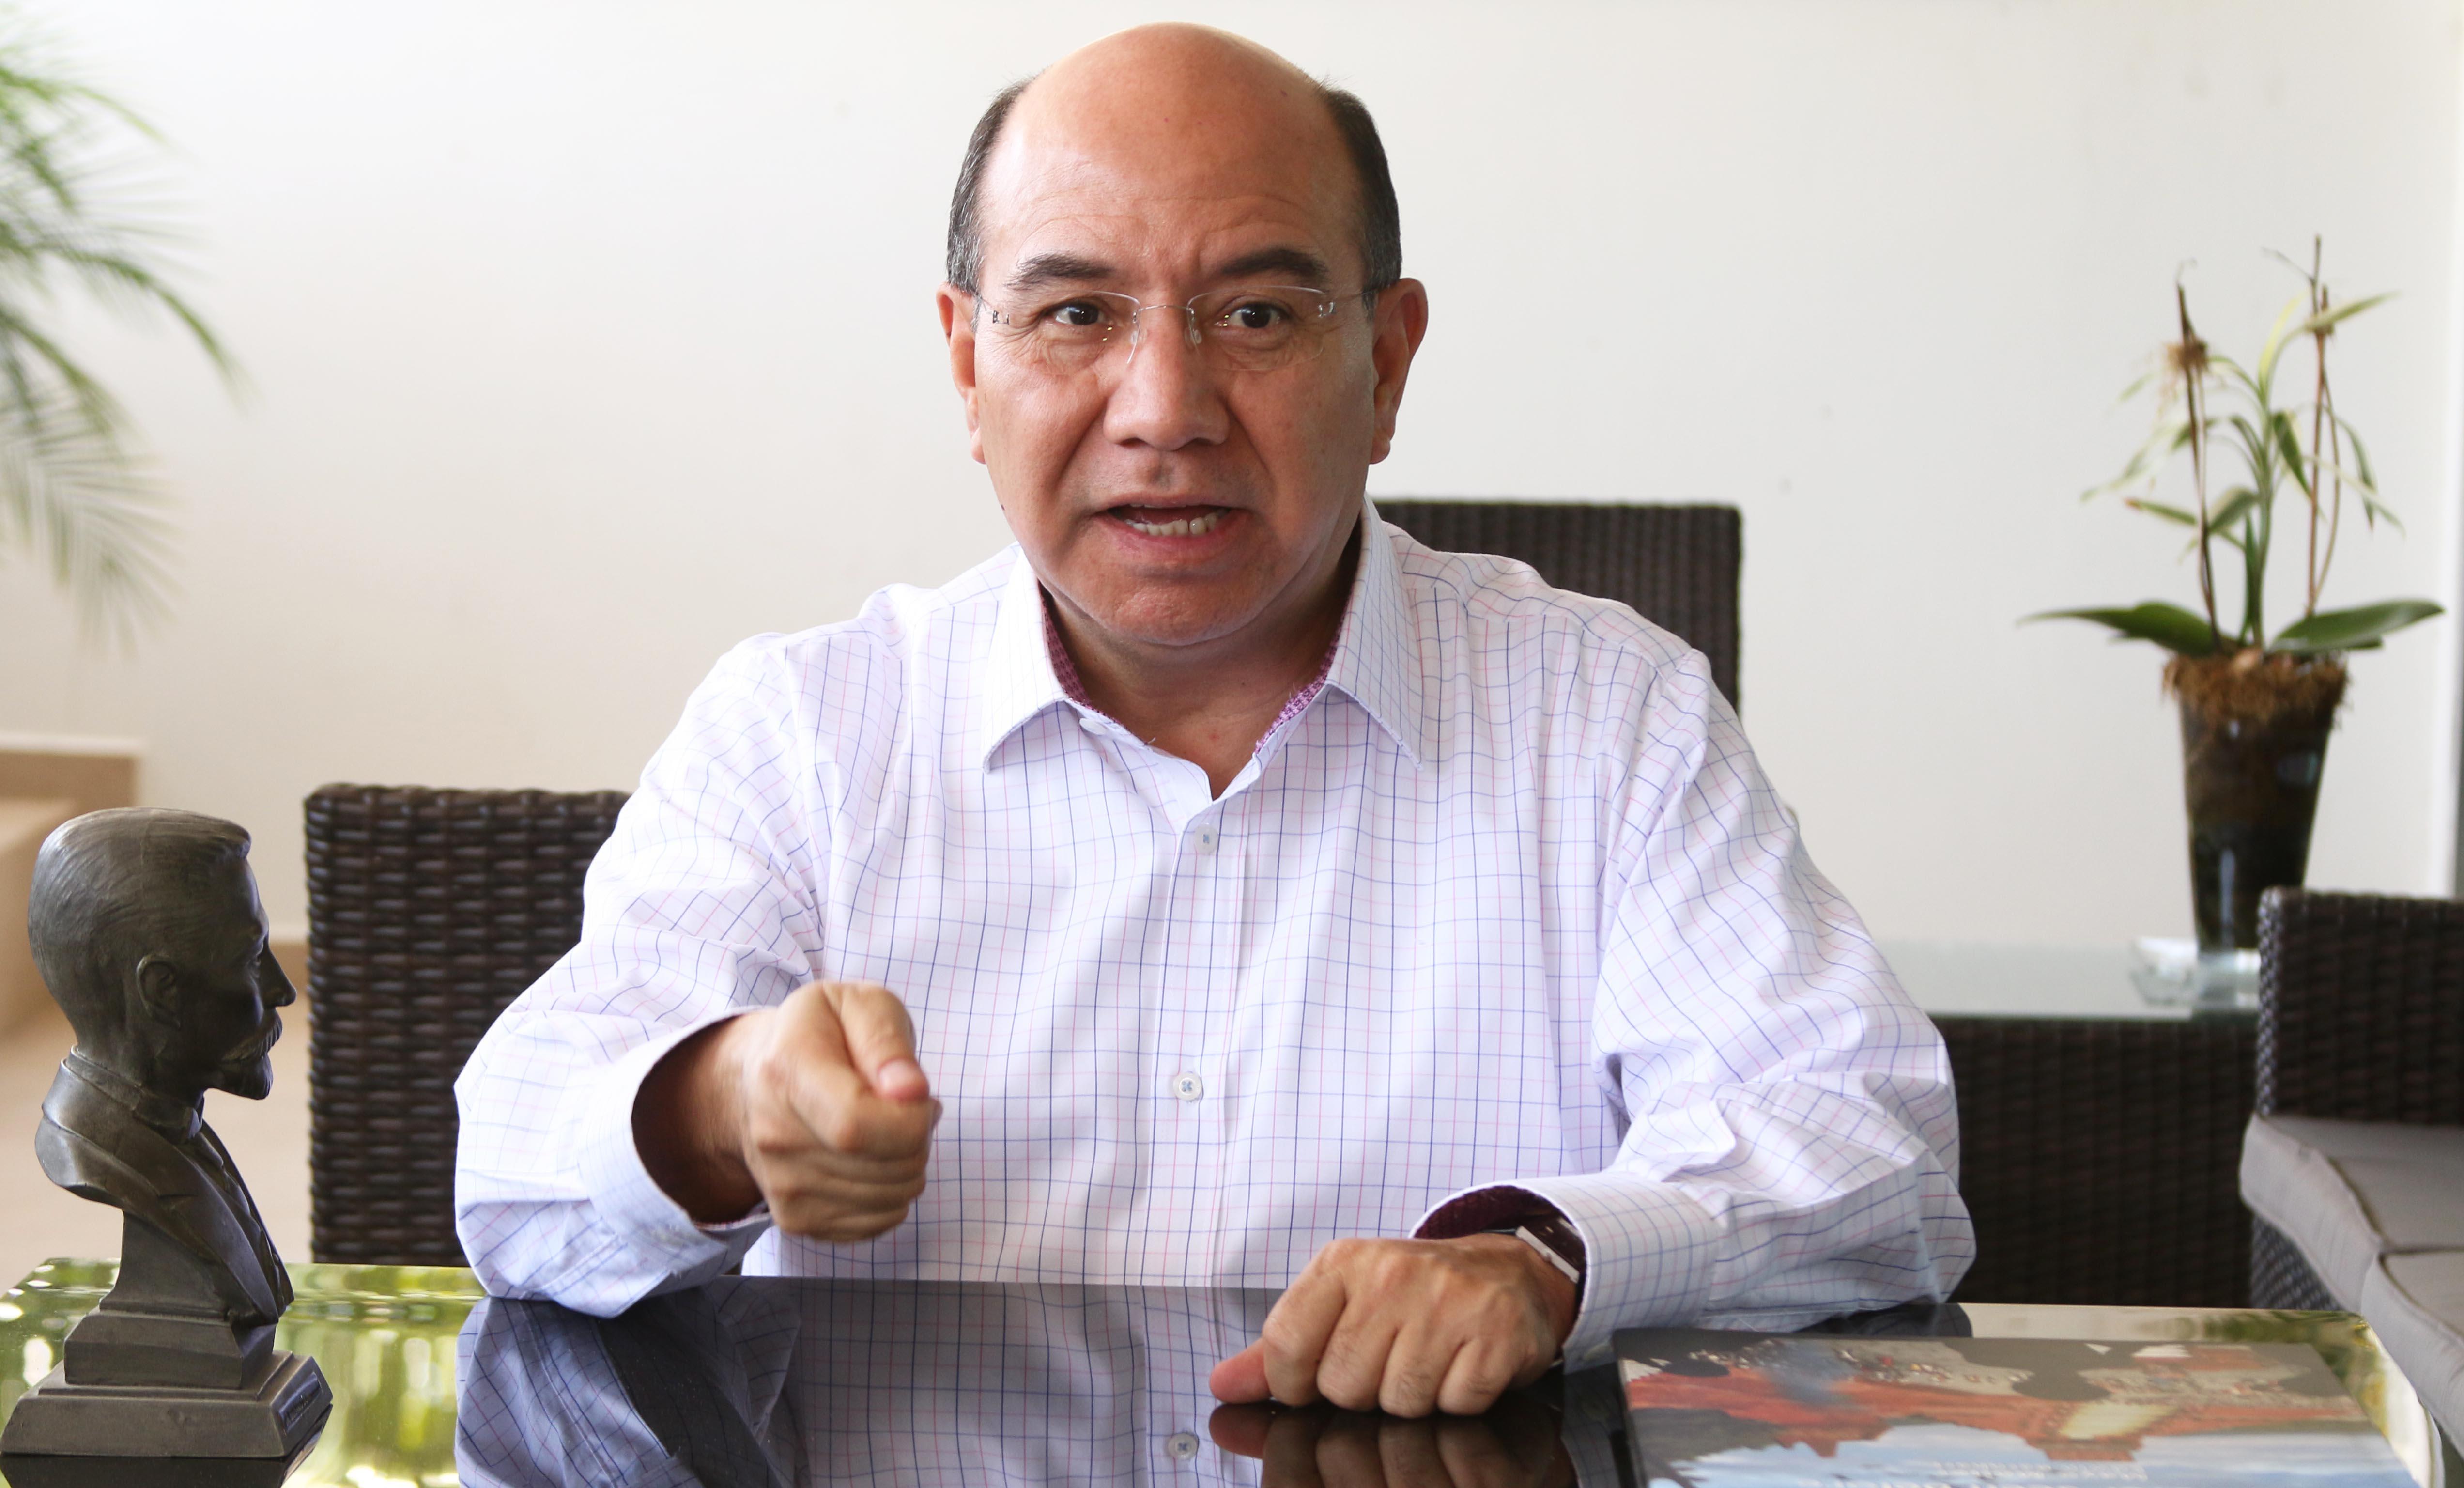 Legado de Don Belisario Domínguez convoca a trabajar por la grandeza de Chiapas y de México